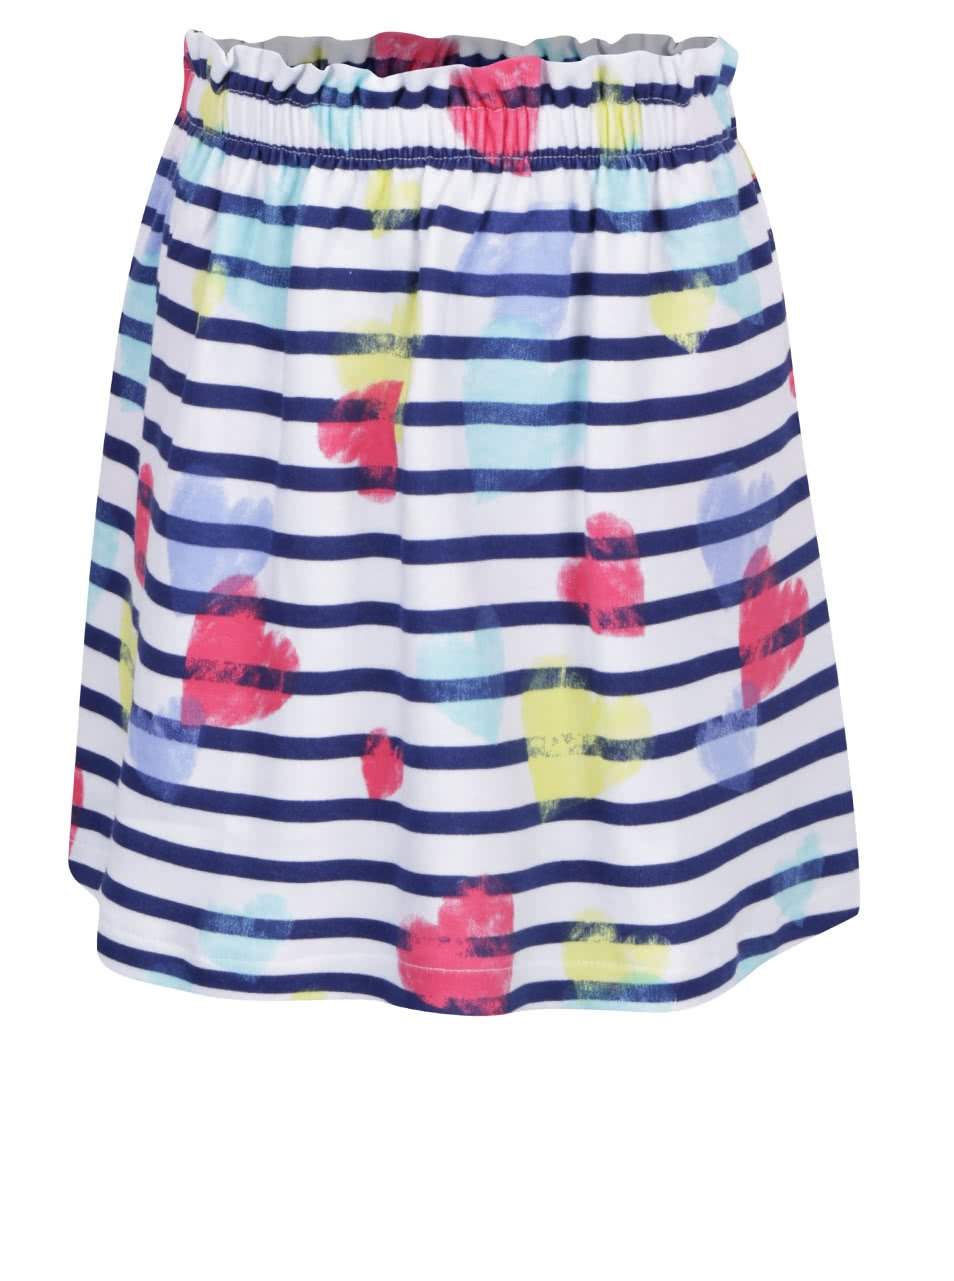 Modro-bílá holčičí pruhovaná sukně s potiskem 5.10.15.